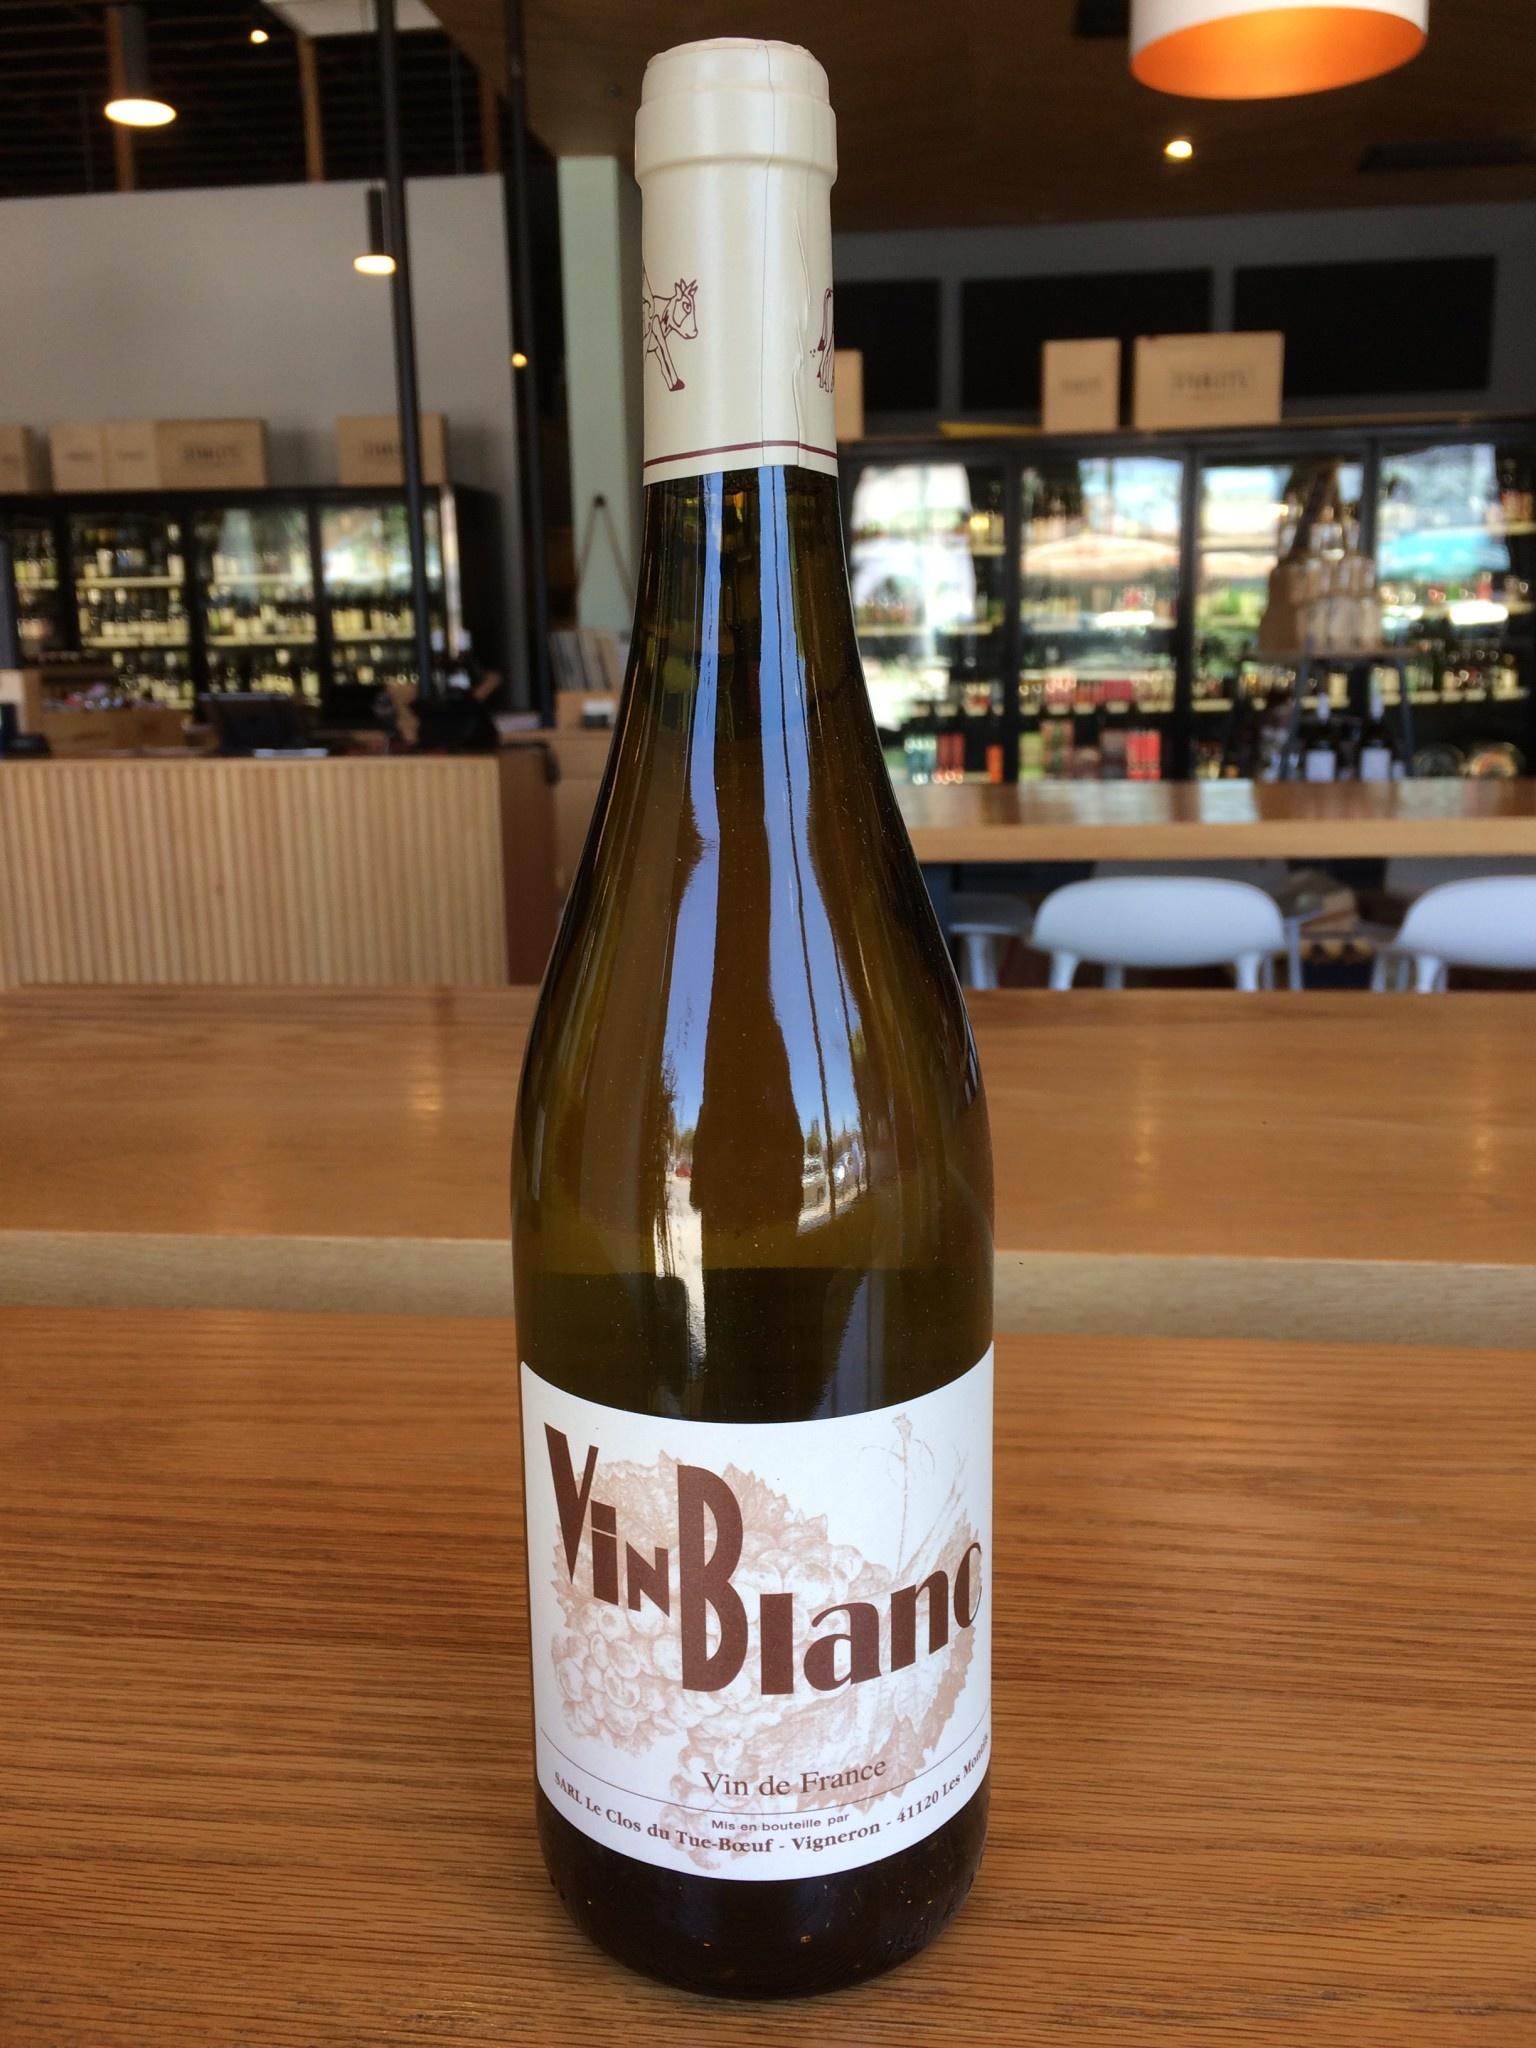 Le Clos du Tue-Bouef 2018 Le Clos du Tue-Boeuf Vin Blanc 750ml